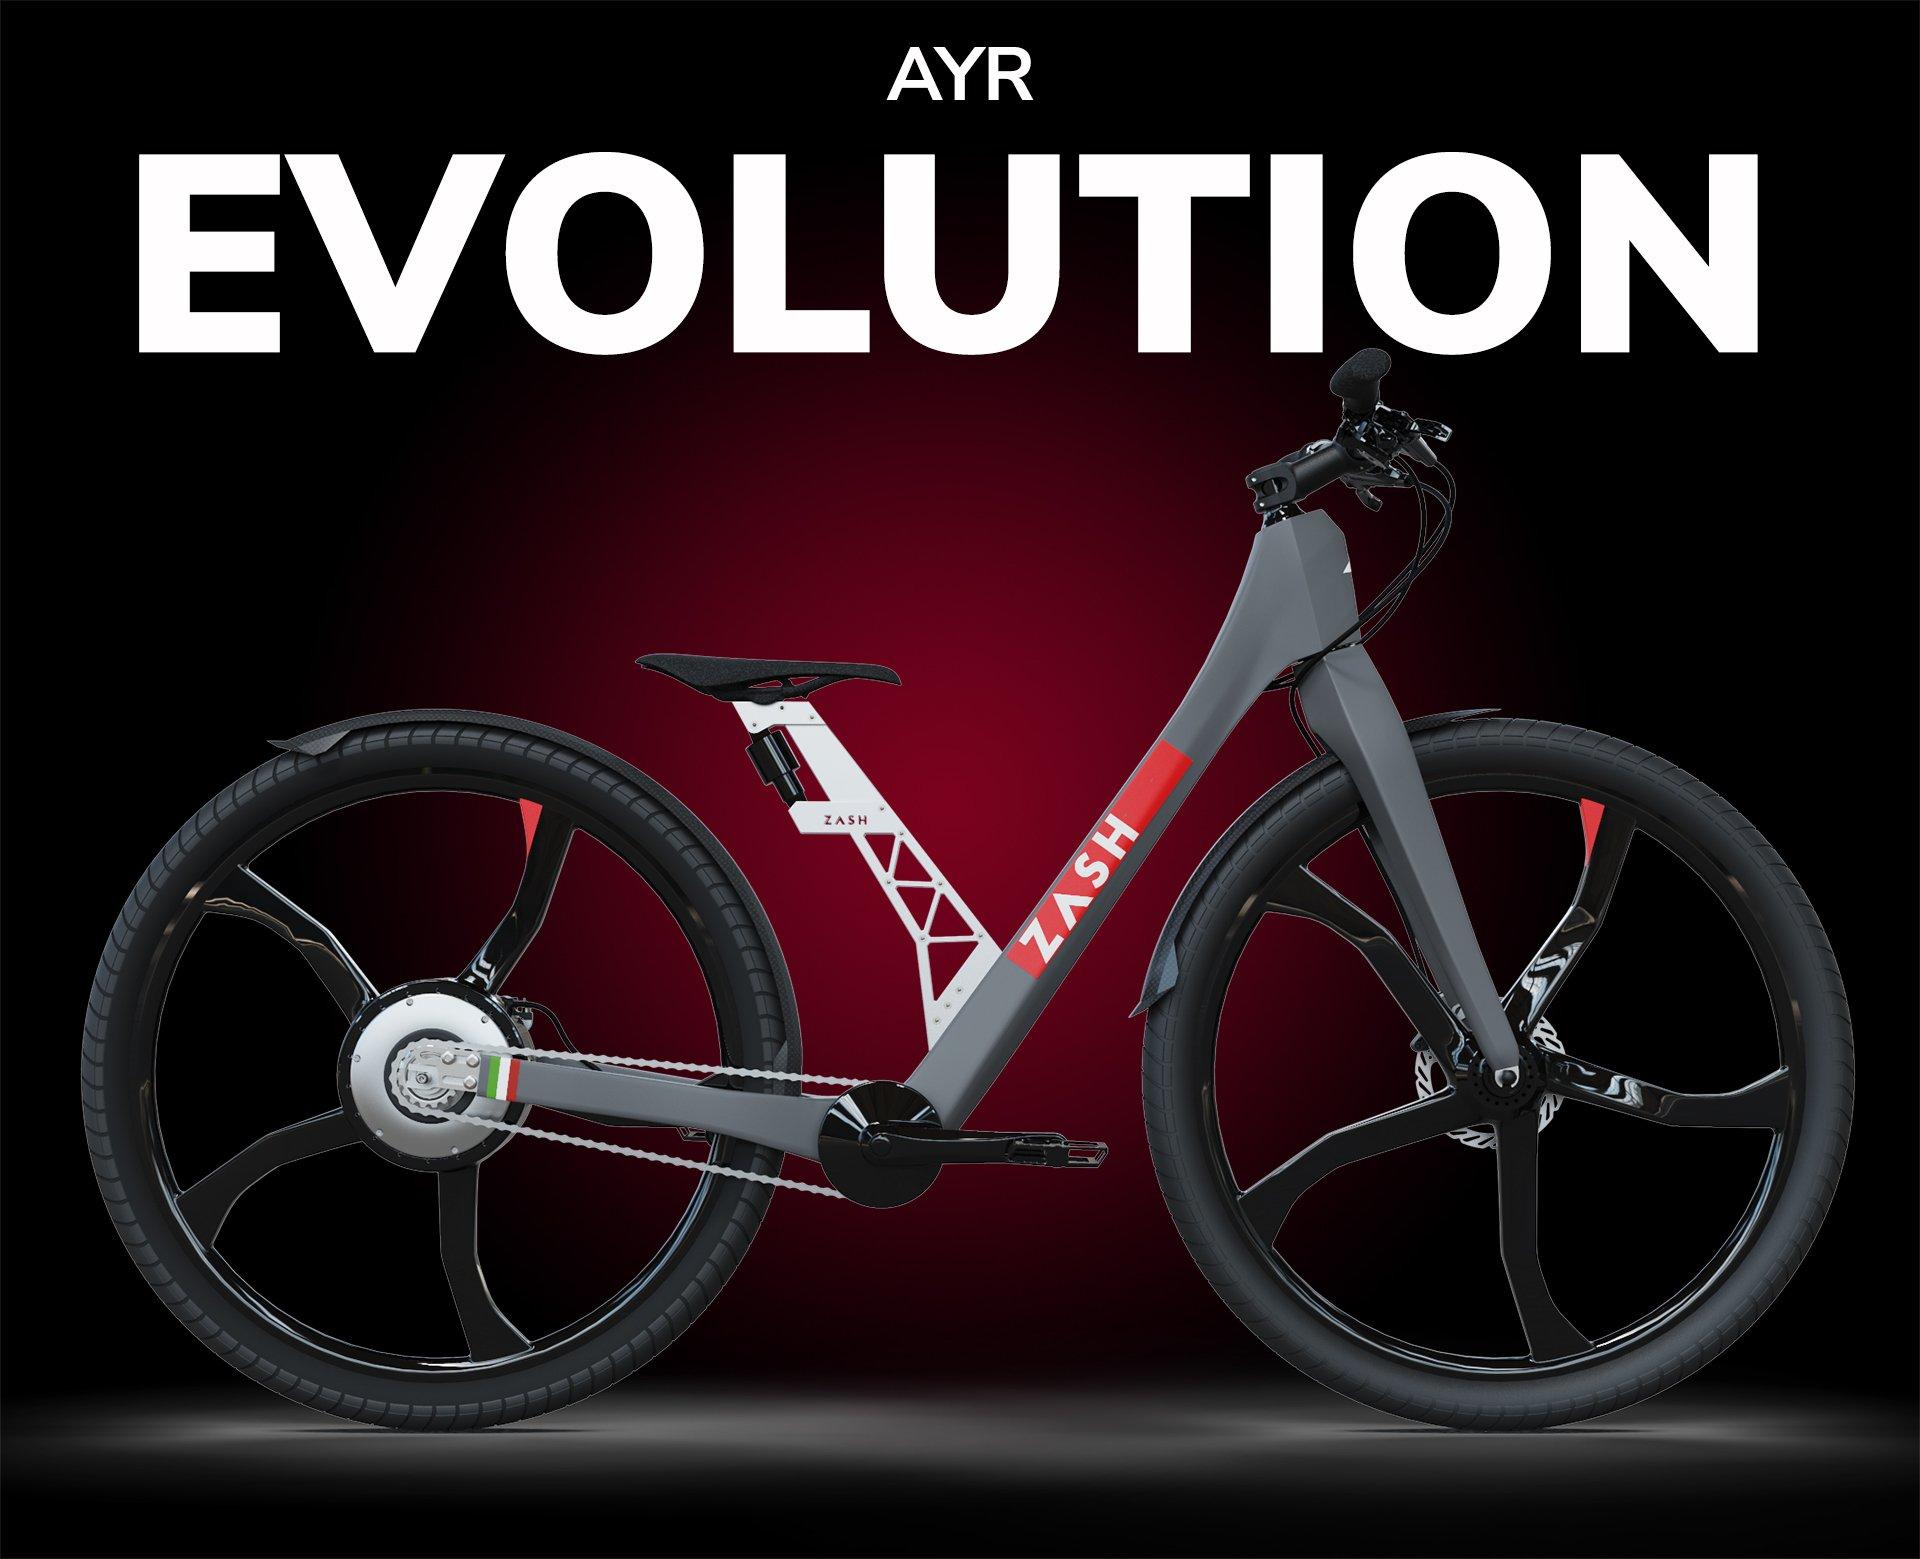 evolution zash